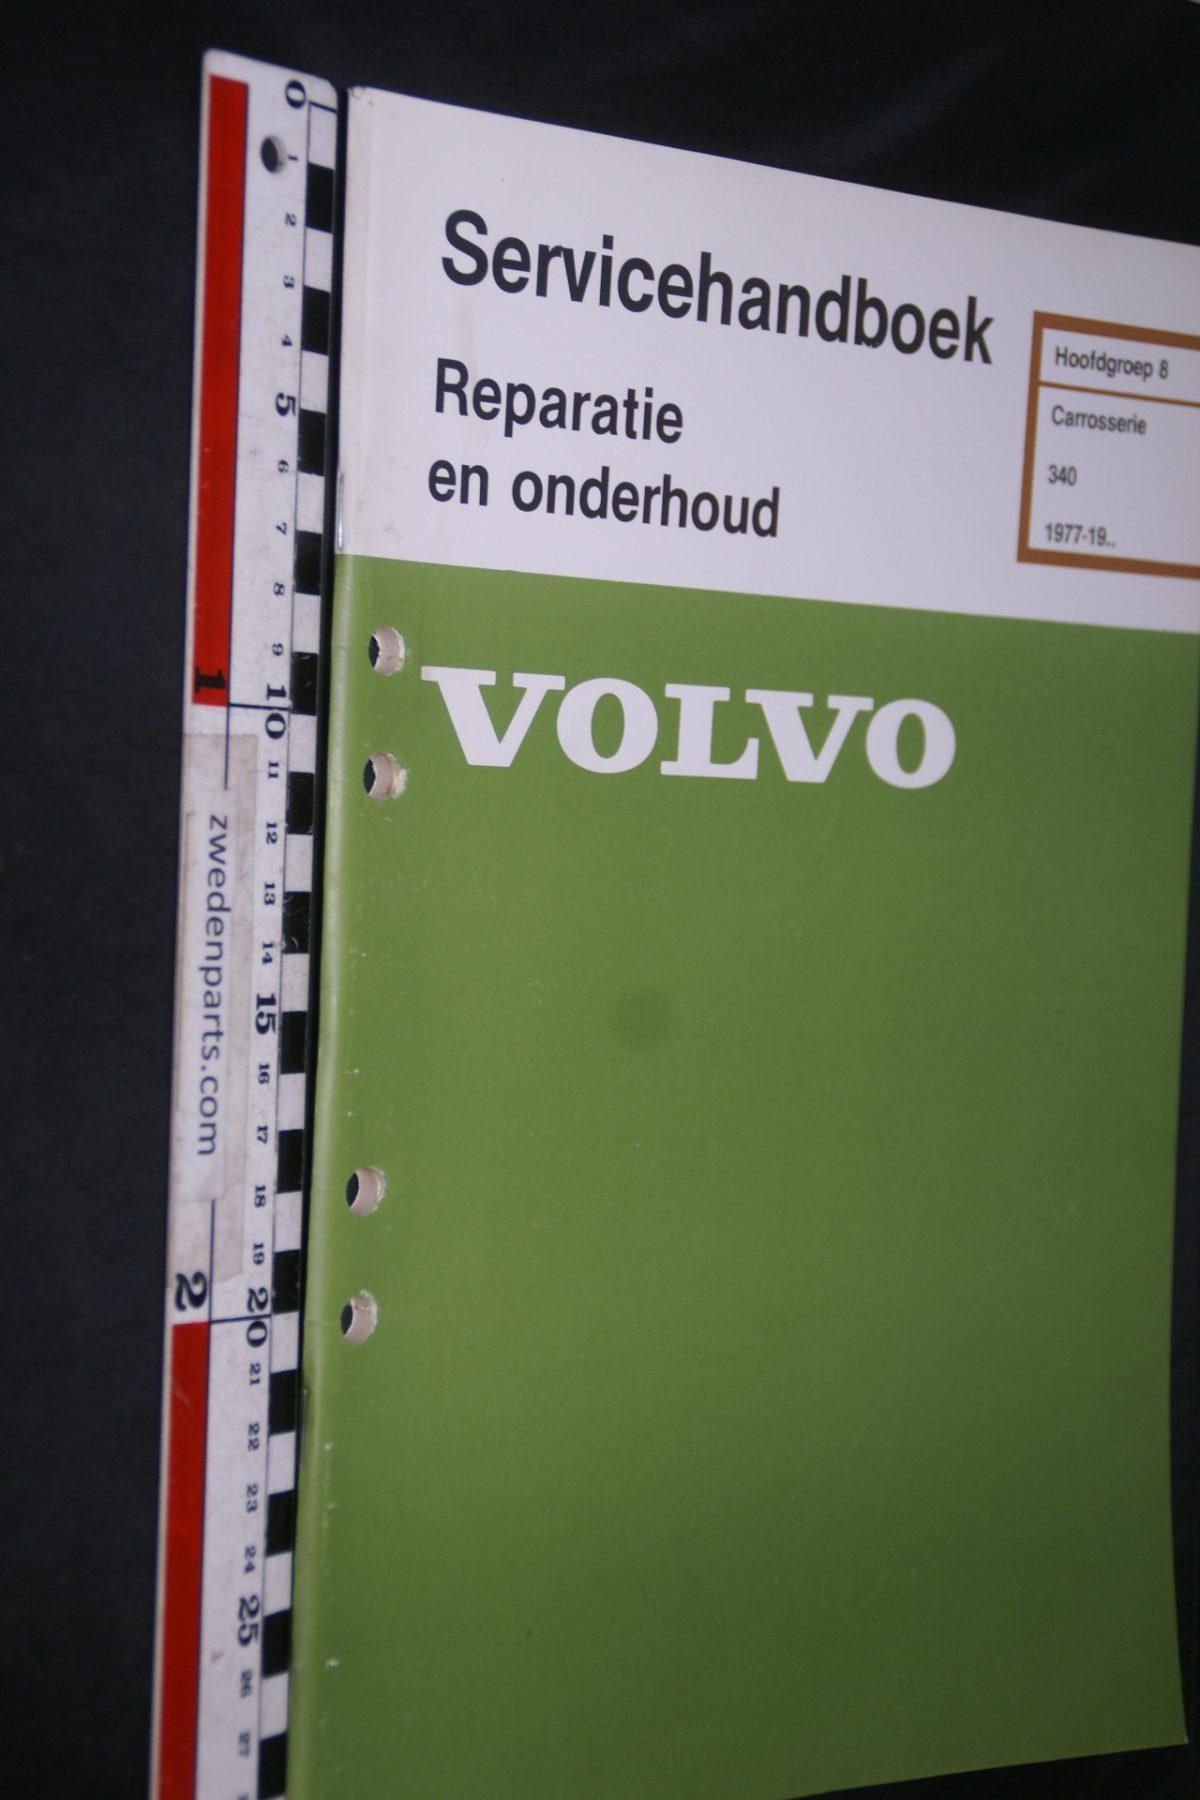 DSC06852 1981 origineel Volvo 340 servicehandboek 8 carosserie 1 van 800 TP 11981-3